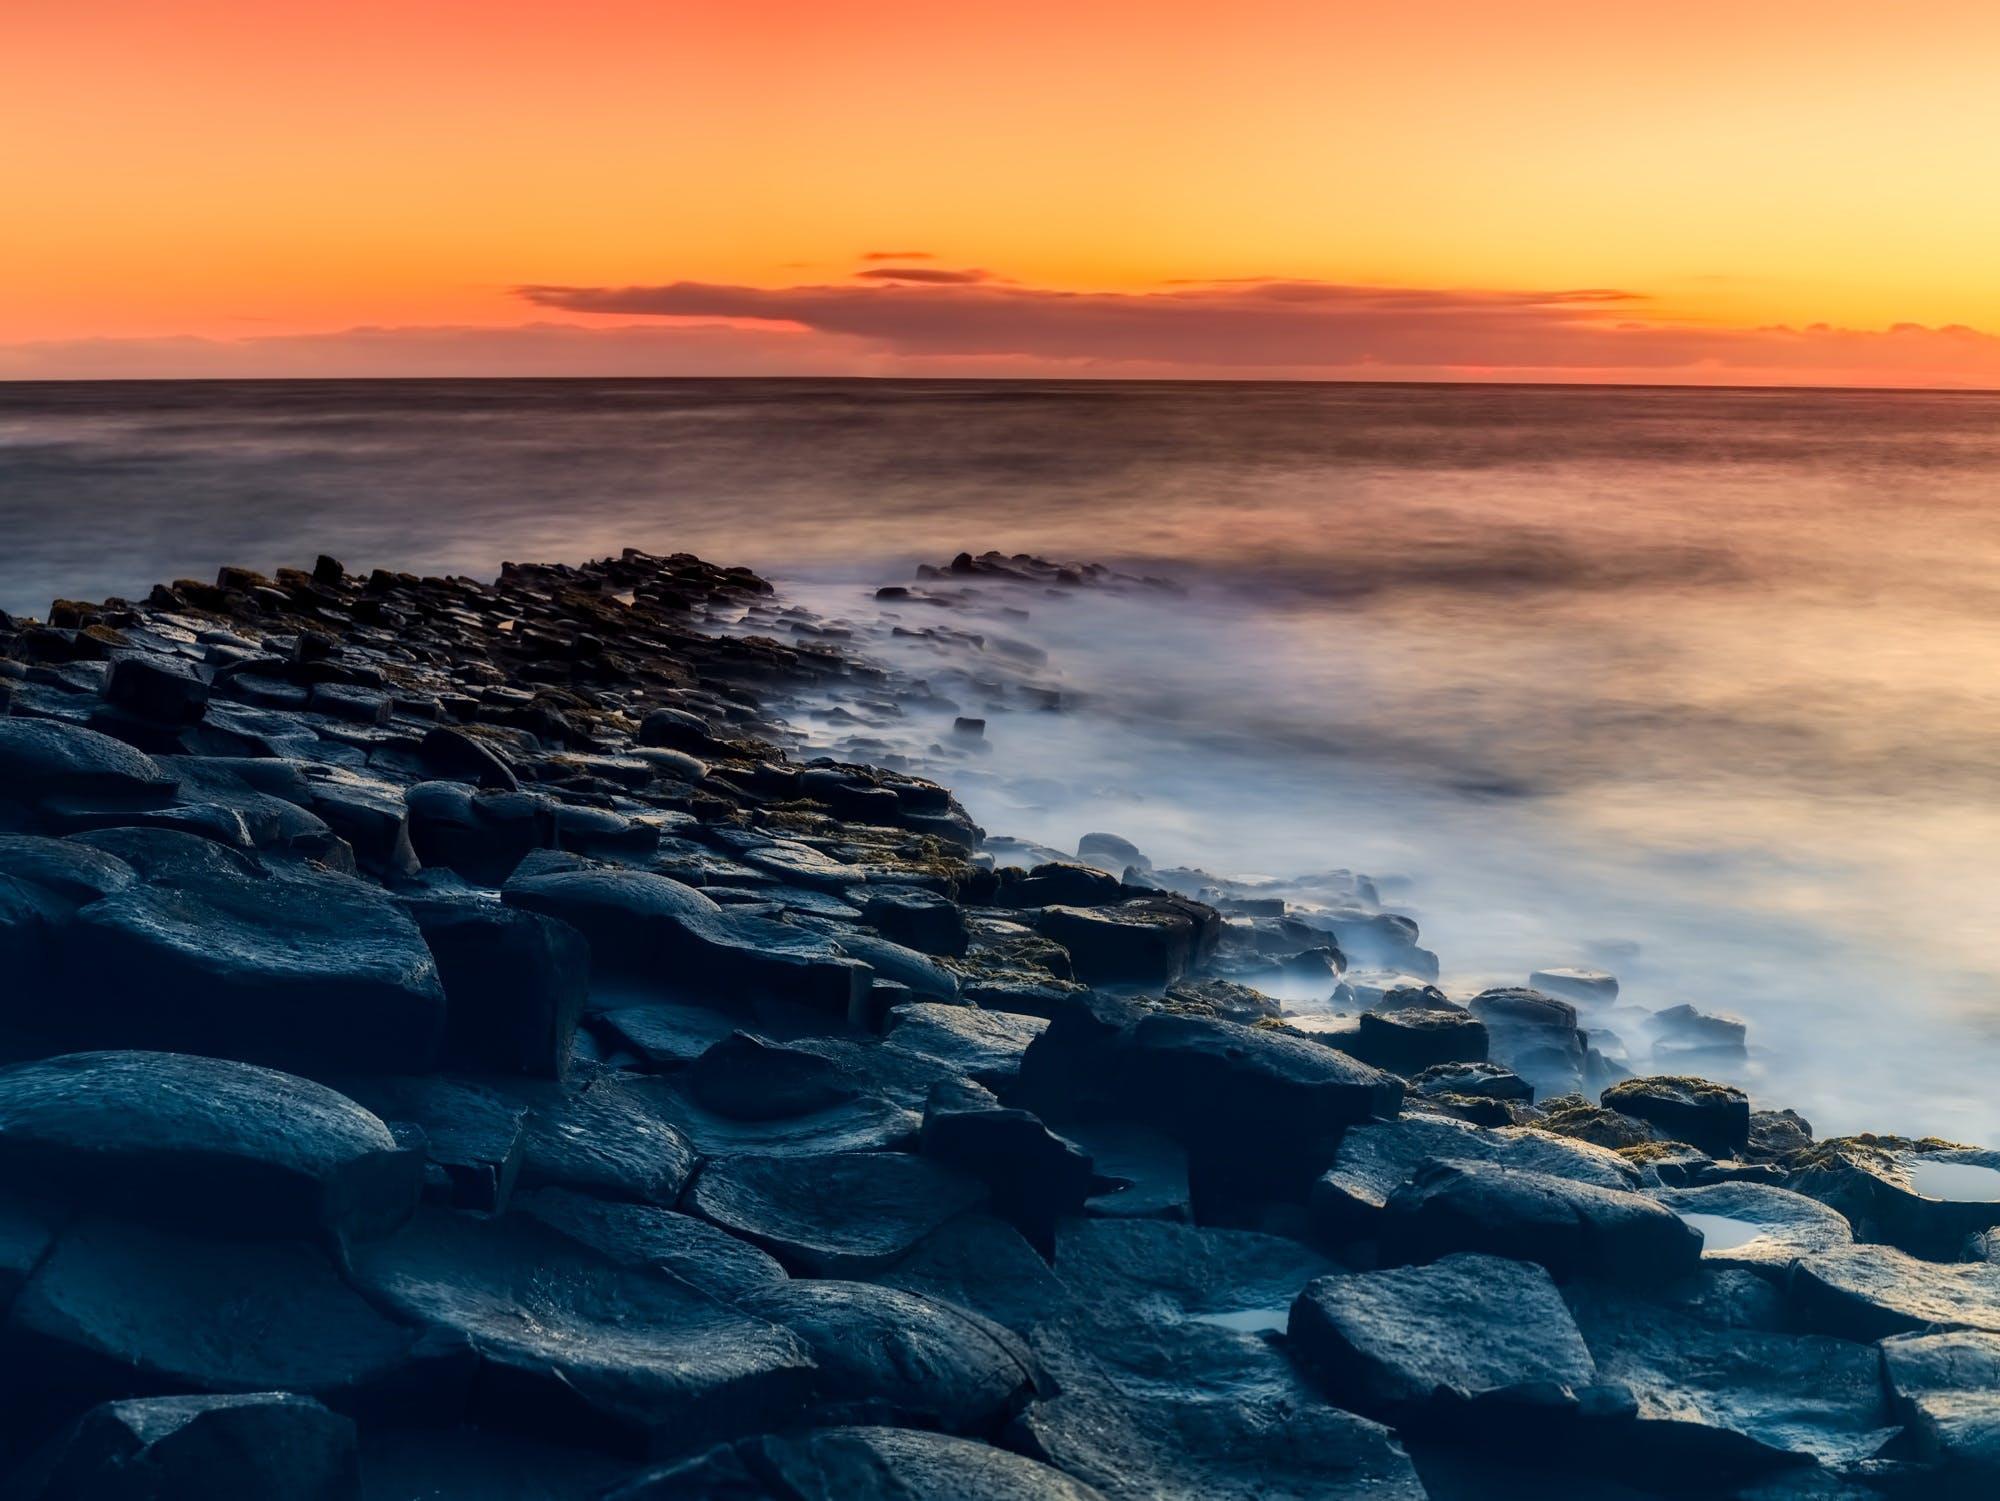 Rocks Near Water